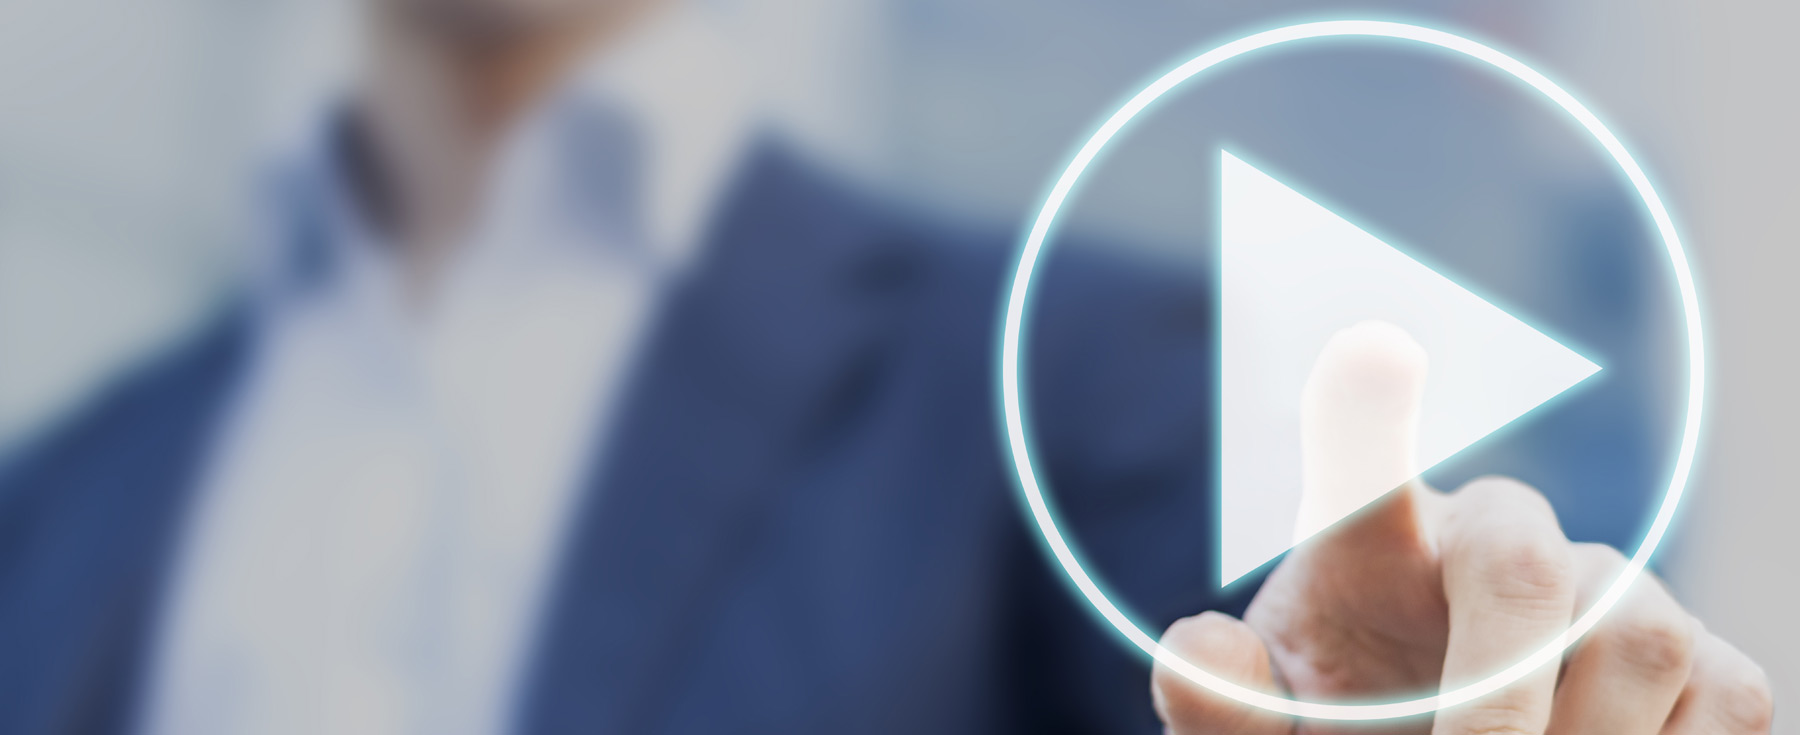 Video Slide